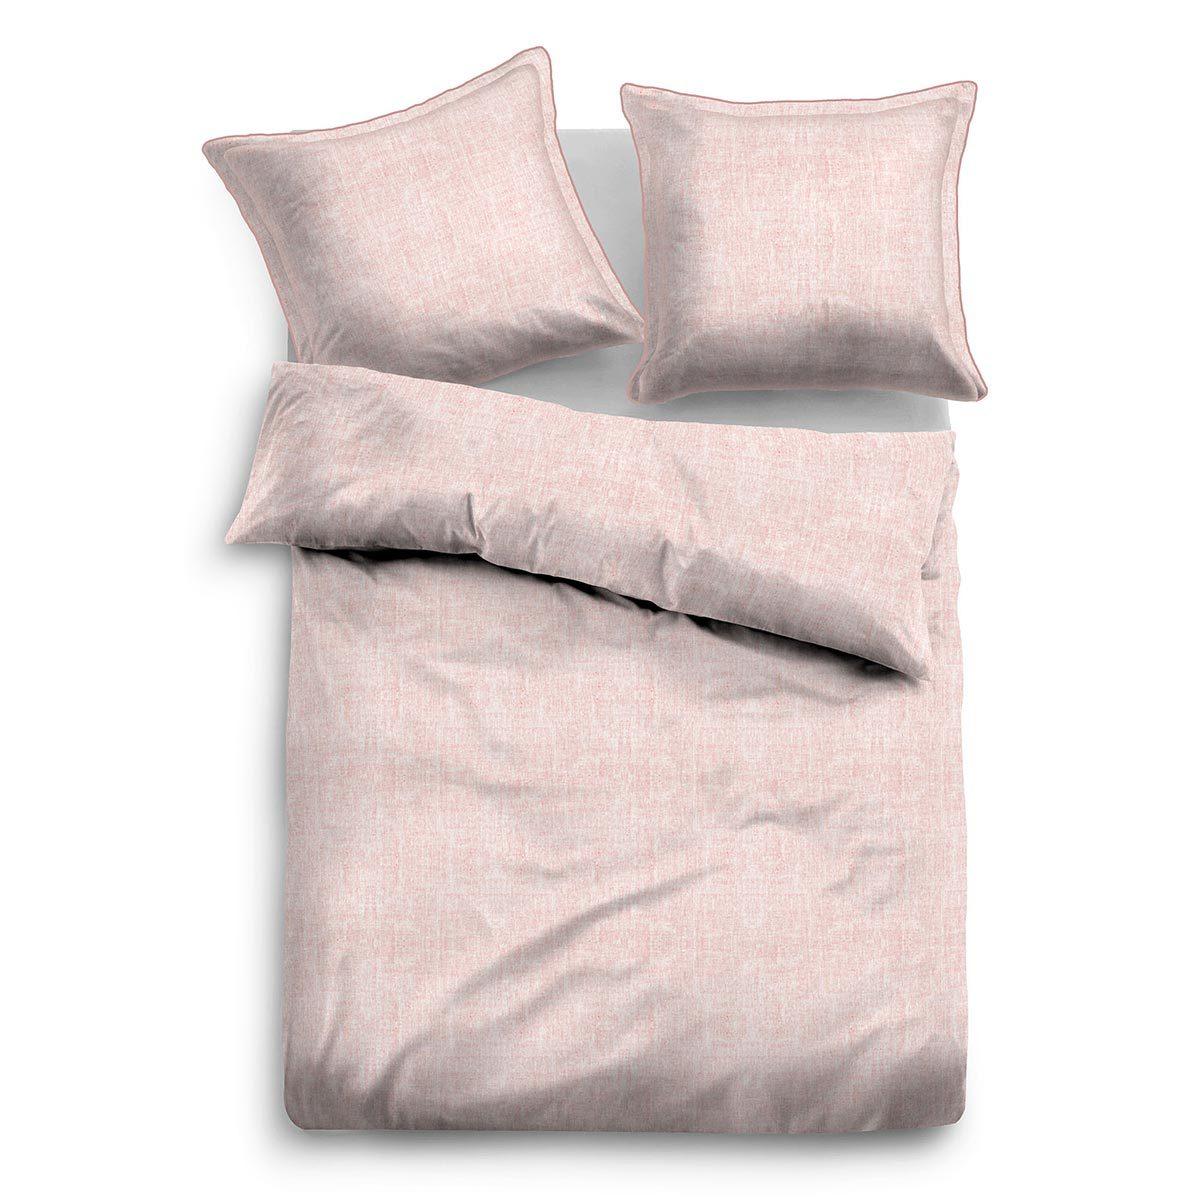 tom tailor uni bettw sche 49853 841 rose g nstig online kaufen bei bettwaren shop. Black Bedroom Furniture Sets. Home Design Ideas